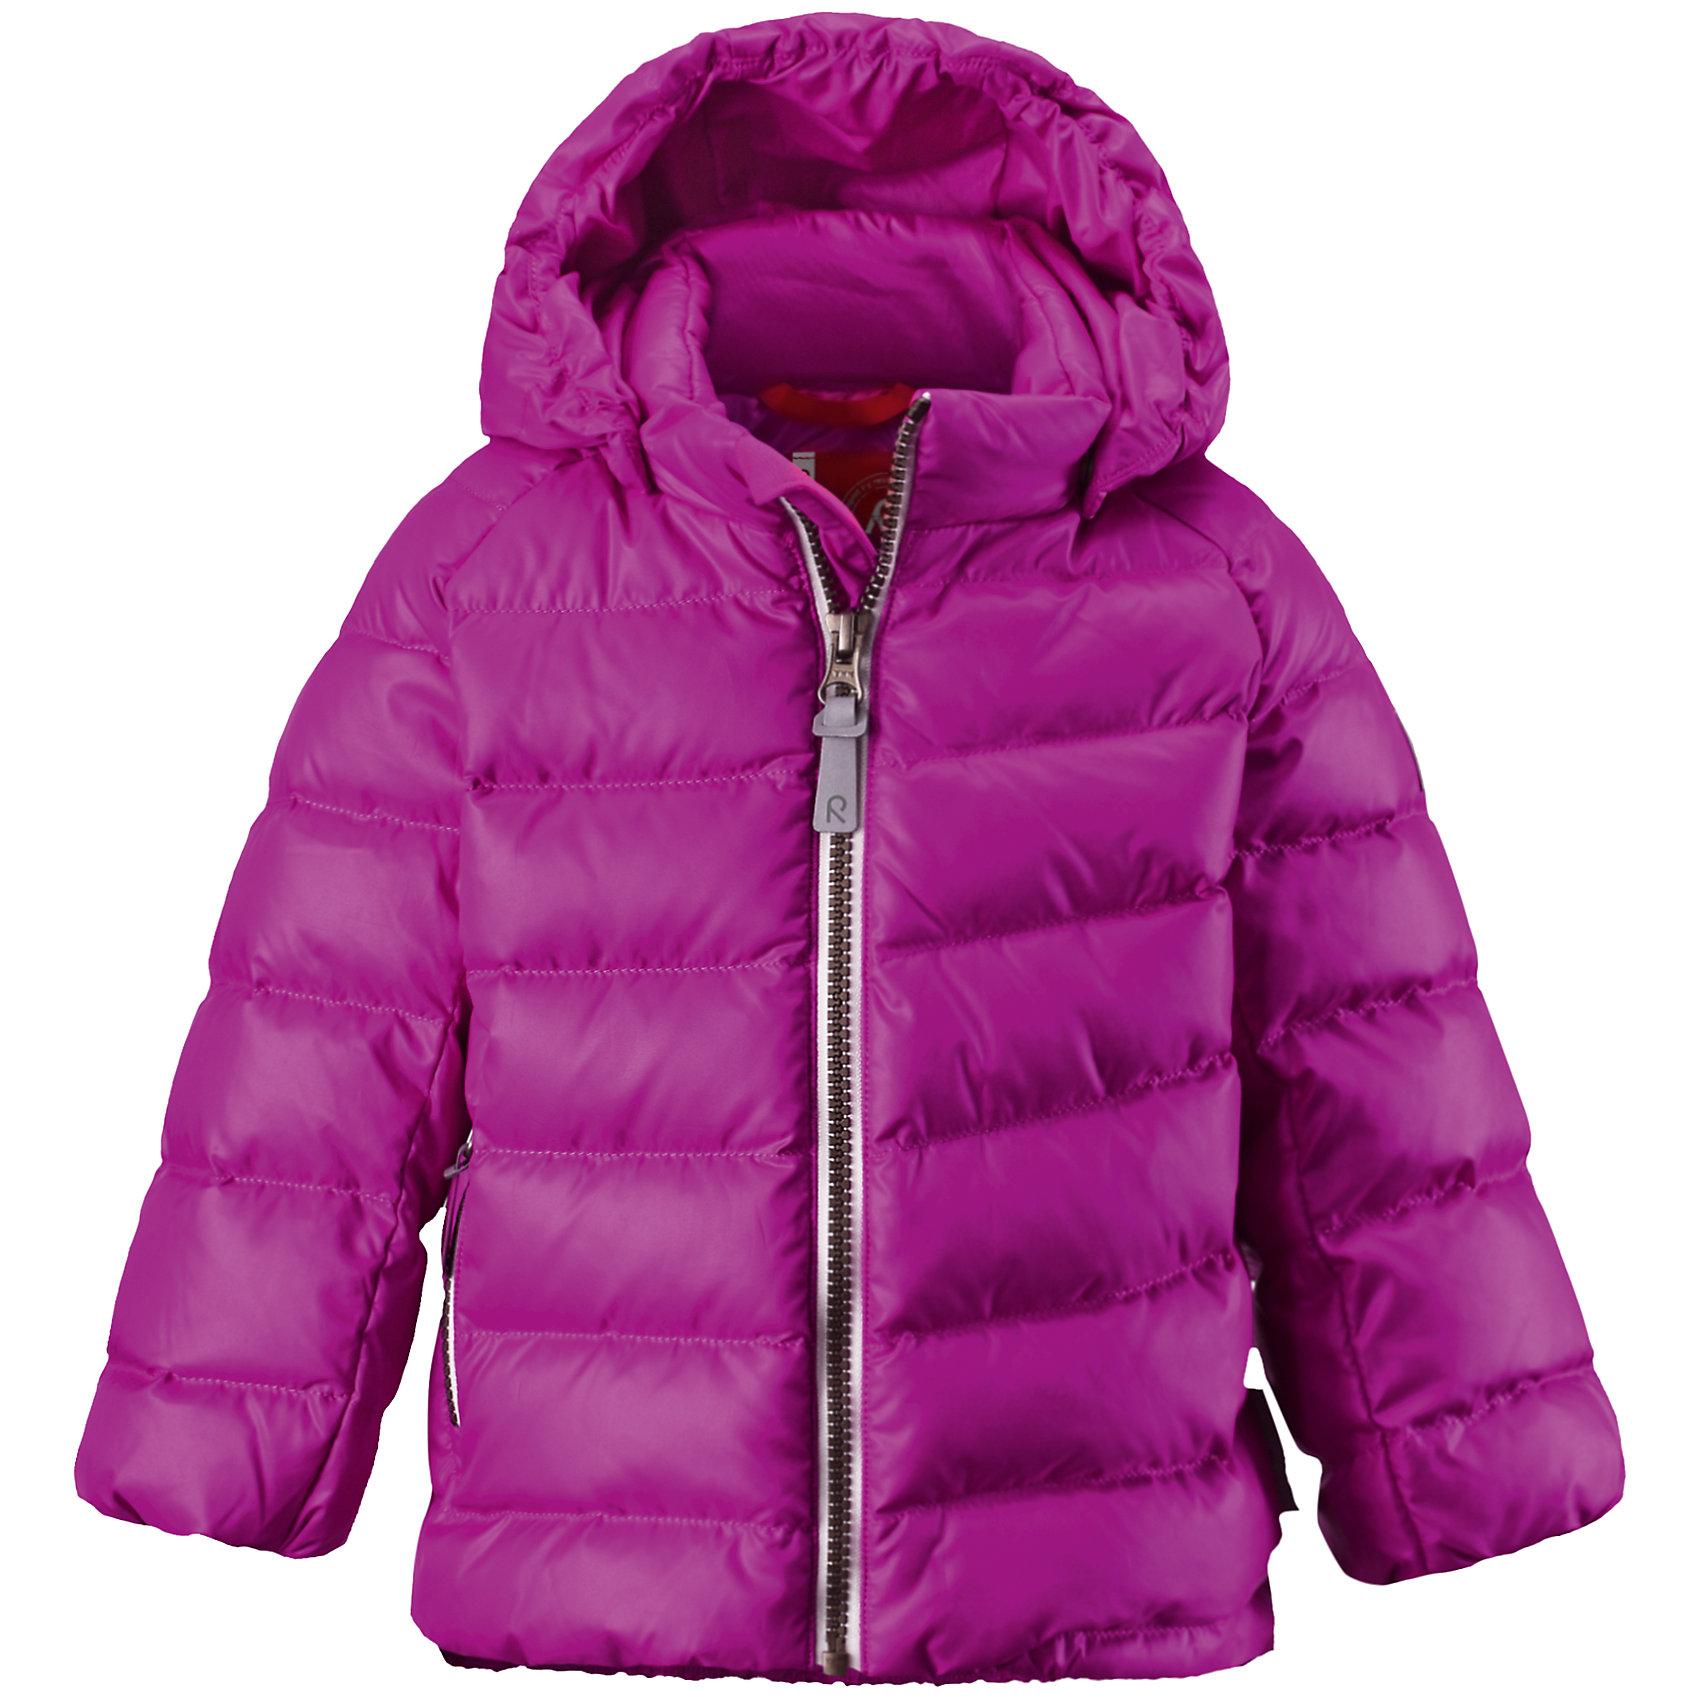 Куртка Minst для девочки ReimaВерхняя одежда<br>Куртка  Reima<br>Пуховая куртка для малышей. Водоотталкивающий, ветронепроницаемый, «дышащий» и грязеотталкивающий материал. Гладкая подкладка из полиэстра. В качестве утеплителя использованы пух и перо (60%/40%). Безопасный, съемный капюшон. Эластичные подол и манжеты. Карман на молнии. Безопасные светоотражающие элементы.<br>Уход:<br>Стирать по отдельности, вывернув наизнанку. Застегнуть молнии и липучки. Стирать моющим средством, не содержащим отбеливающие вещества. Полоскать без специального средства. Во избежание изменения цвета изделие необходимо вынуть из стиральной машинки незамедлительно после окончания программы стирки. Барабанное сушение при низкой температуре с 3 теннисными мячиками. Выверните изделие наизнанку в середине сушки.<br>Состав:<br>100% Полиэстер<br><br>Ширина мм: 356<br>Глубина мм: 10<br>Высота мм: 245<br>Вес г: 519<br>Цвет: розовый<br>Возраст от месяцев: 24<br>Возраст до месяцев: 36<br>Пол: Женский<br>Возраст: Детский<br>Размер: 98,74,92,86,80<br>SKU: 4776072